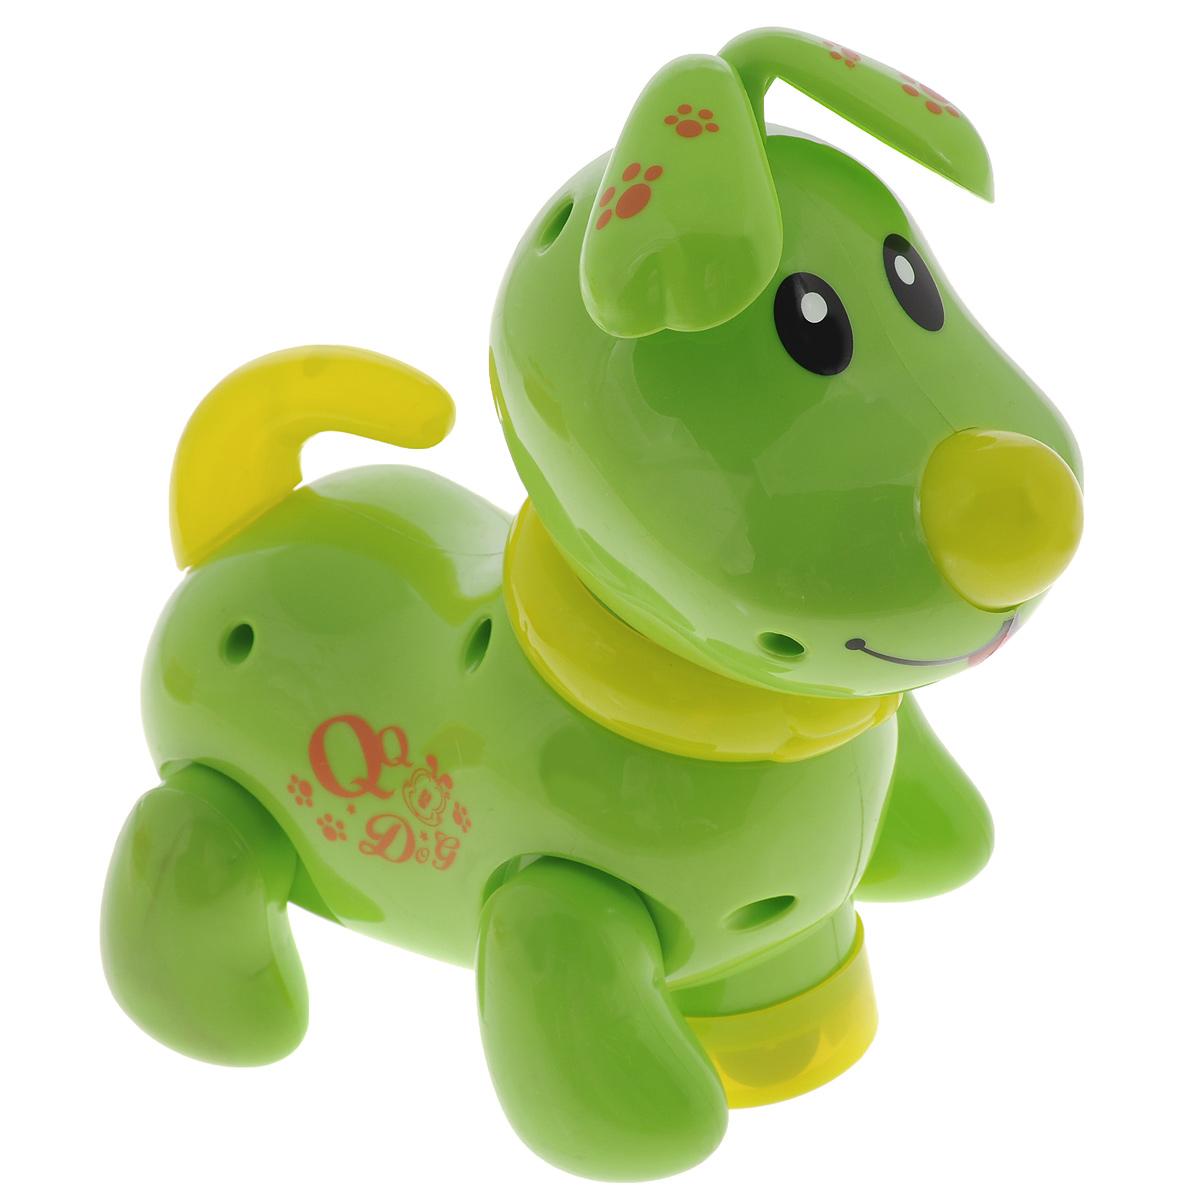 """Интерактивная игрушка Mioshi """"Щенок Рокки"""" обязательно поднимет настроение вашему малышу. Игрушка выполнена из прочного и безопасного материала в виде милого щенка. Щенок умеет так забавно вилять хвостиком и крутить головой в разные стороны. Благодаря встроенному датчику, при каждом движении песика активируются свето-звуковые эффекты: загораются ошейник и хвостик, а также звучит приятная для слуха мелодичная песенка. Игрушка стимулирует развитие зрительного, слухового и тактильного восприятия ребенка. Порадуйте своего ребенка такой забавной игрушкой. Необходимо купить 3 батарейки напряжением 1,5V типа АА (не входят в комплект)."""